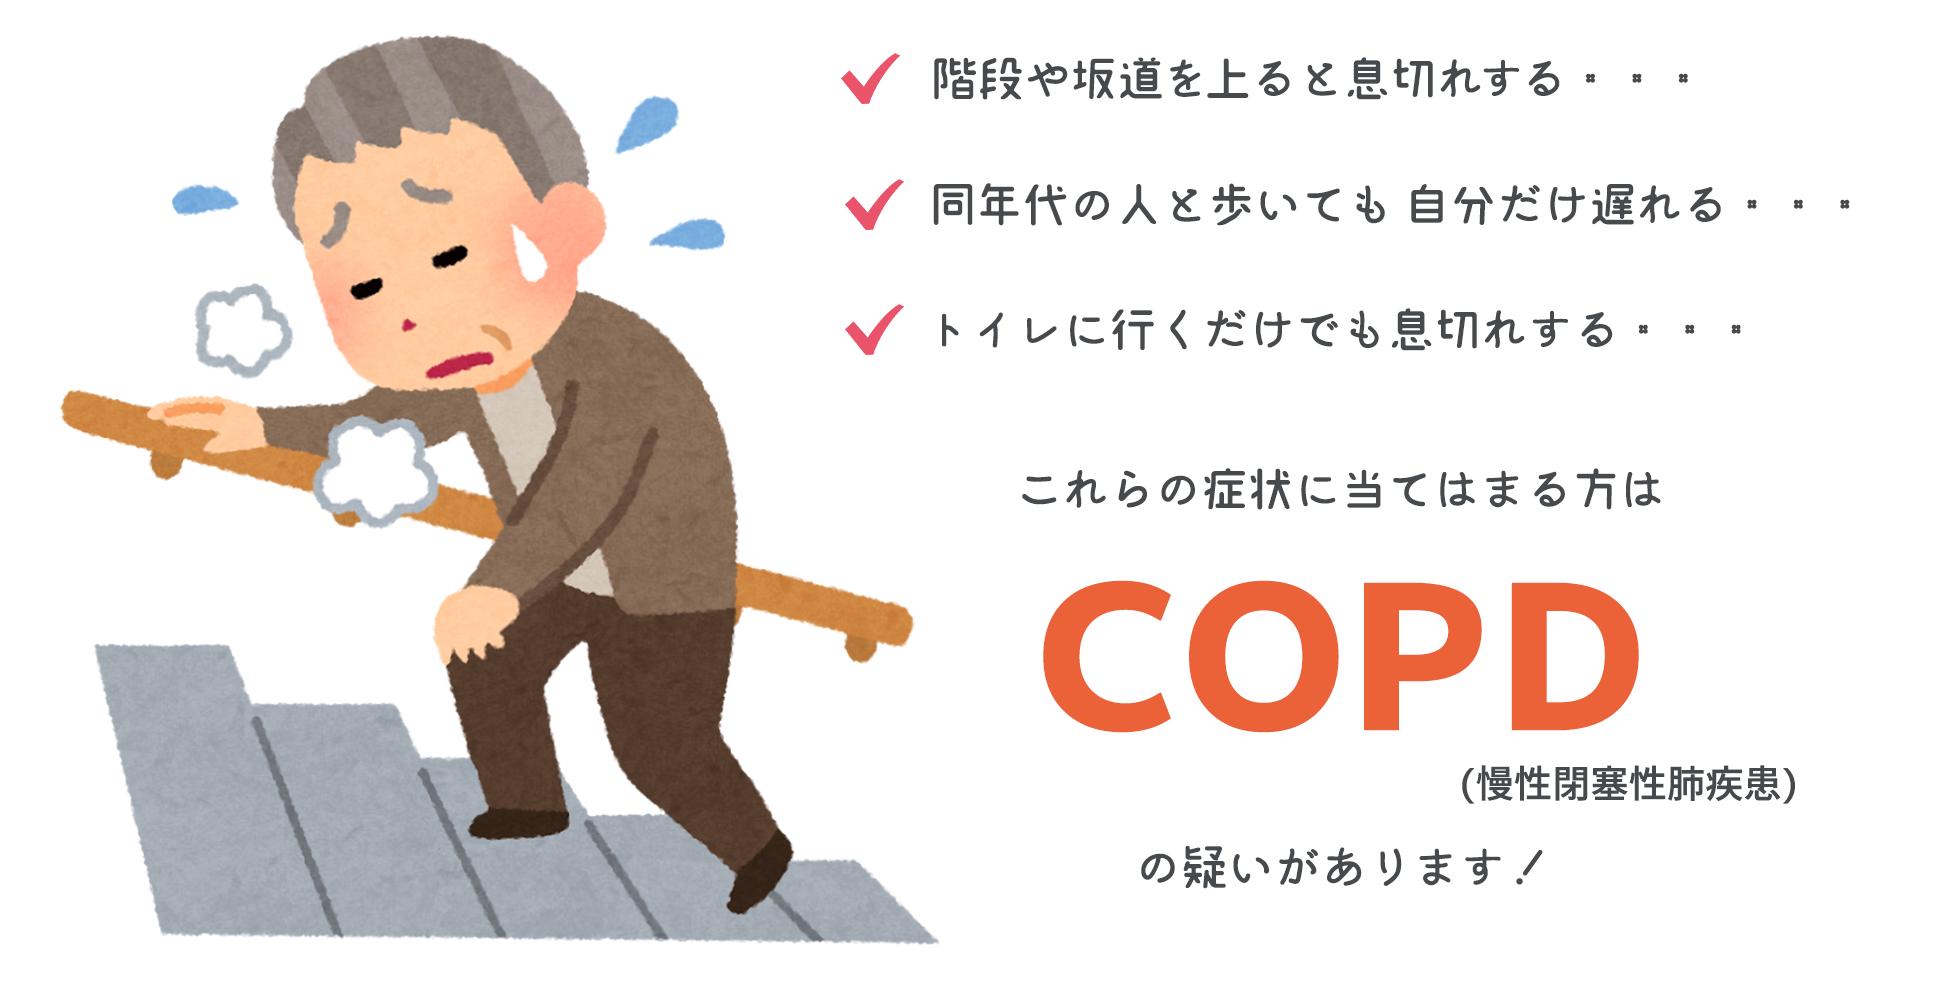 COPD症状チェック